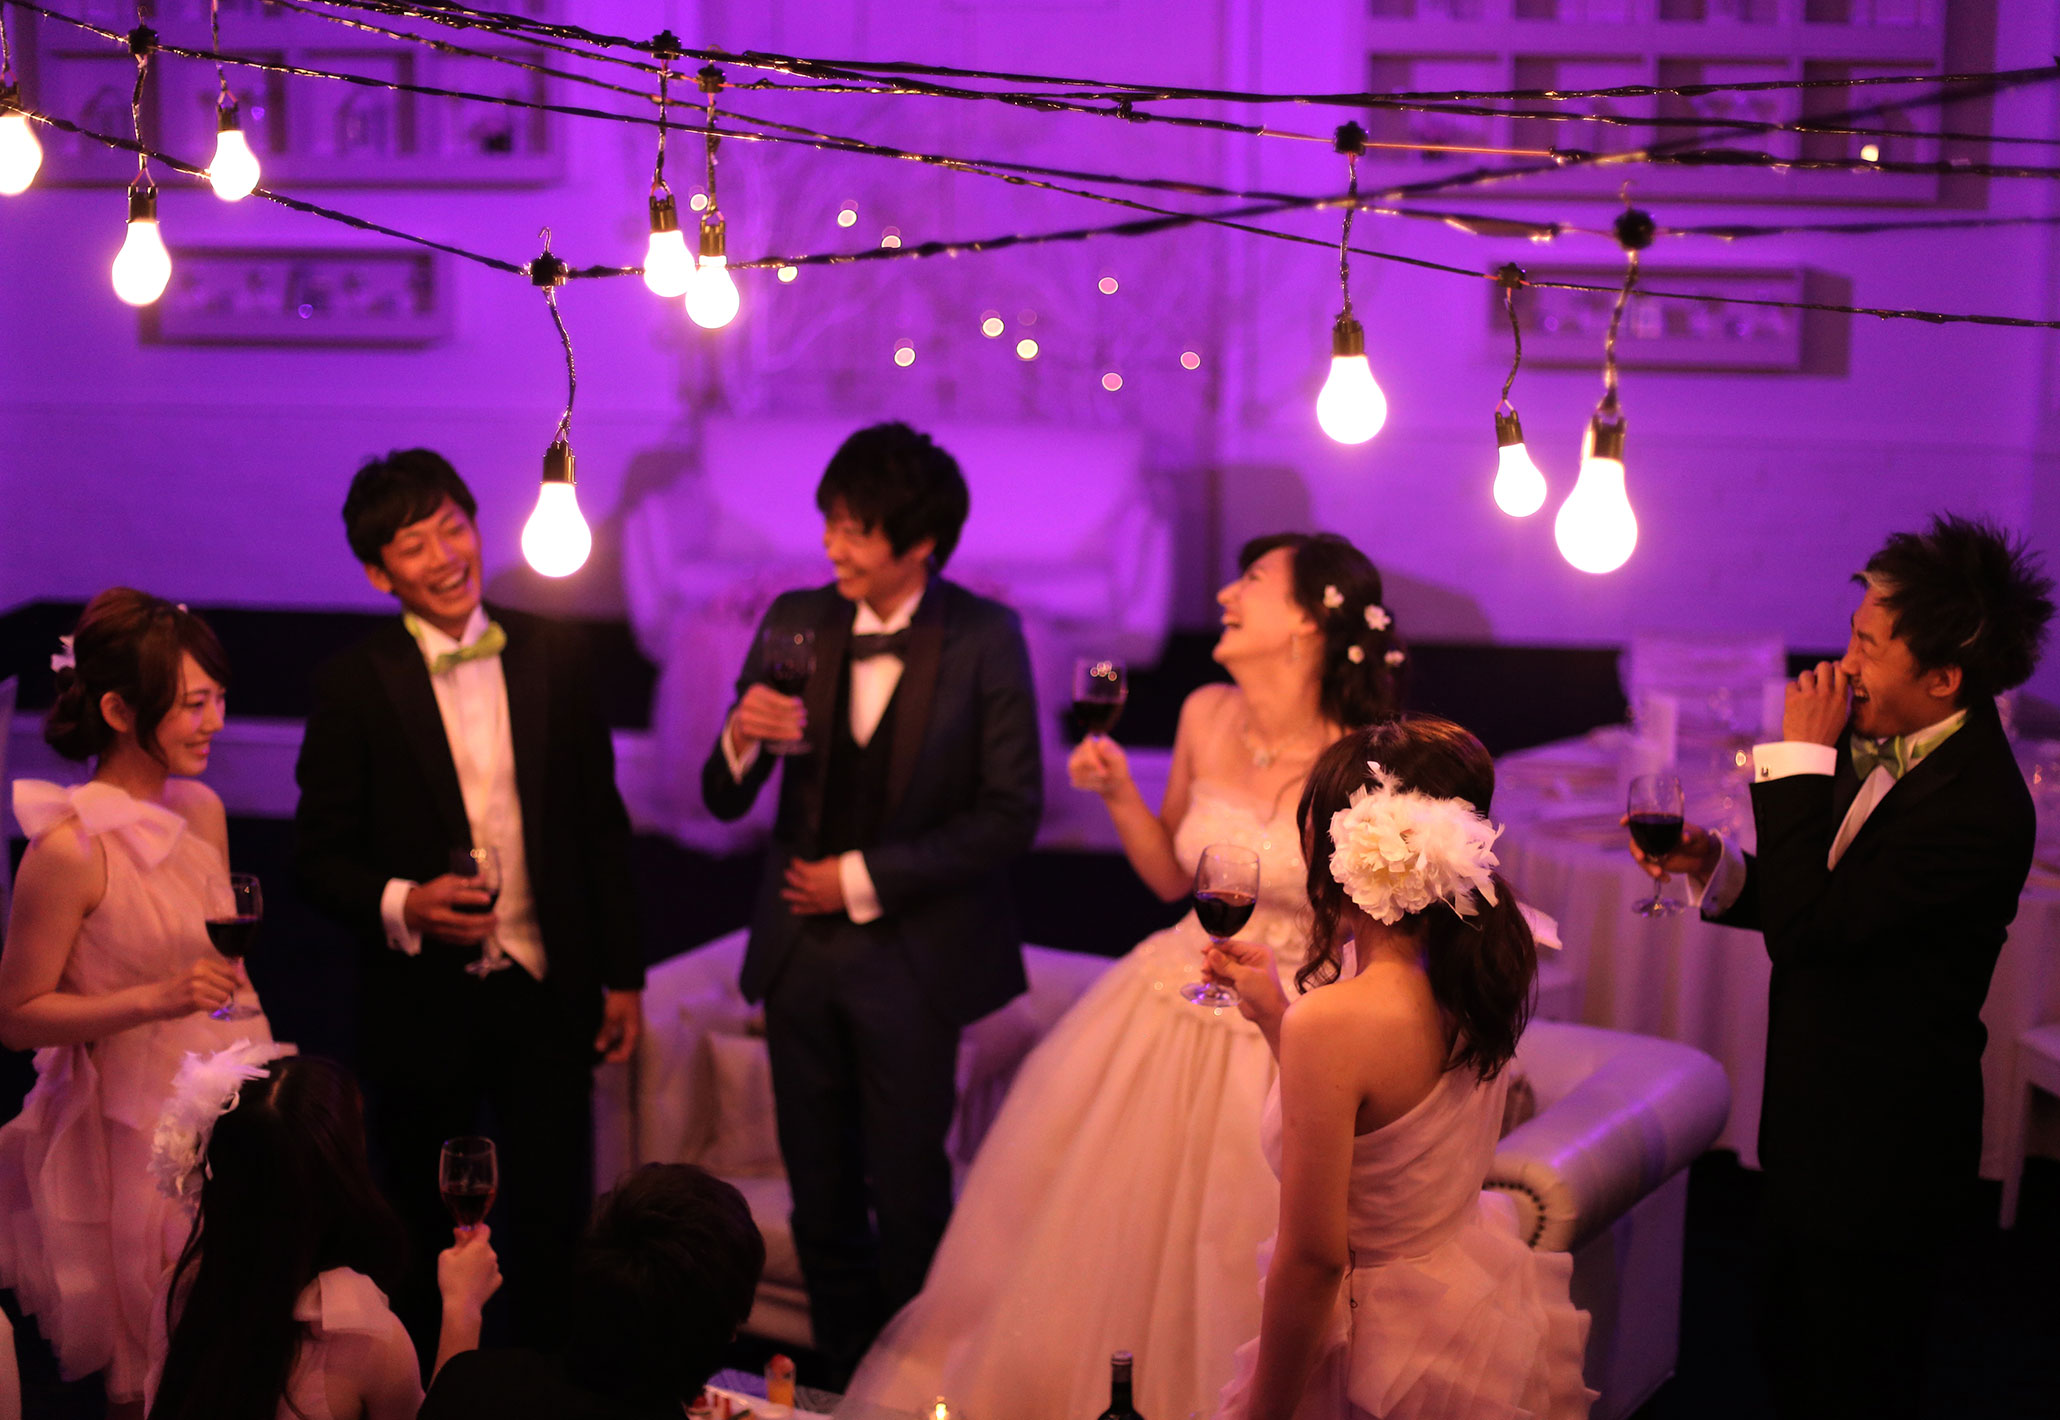 社交界のようなおしゃれな披露宴を|愛媛県松山市の結婚式場ベルフォーレ松山